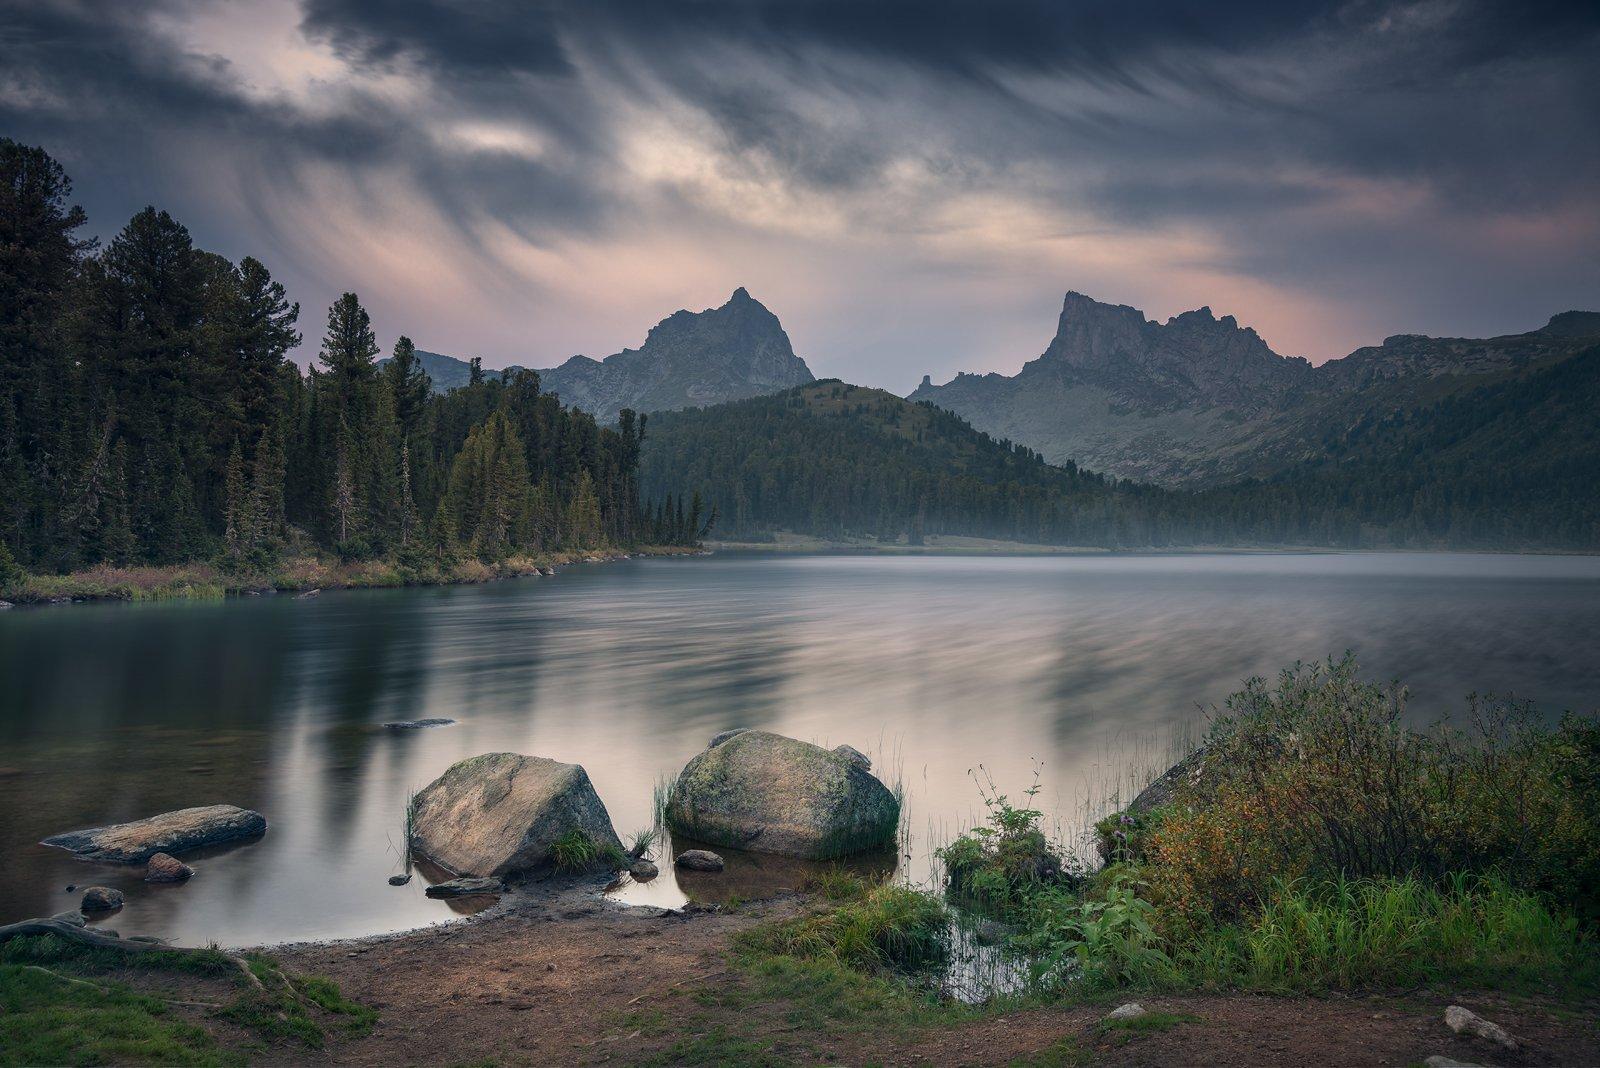 пейзаж, природа, озеро, отражение, камни, горы, скалы, пика, облака, небо, вечер, тихий, спокойный,  ергаки, красноярский край, сибирь, хребет, длинный, Антипов Дмитрий